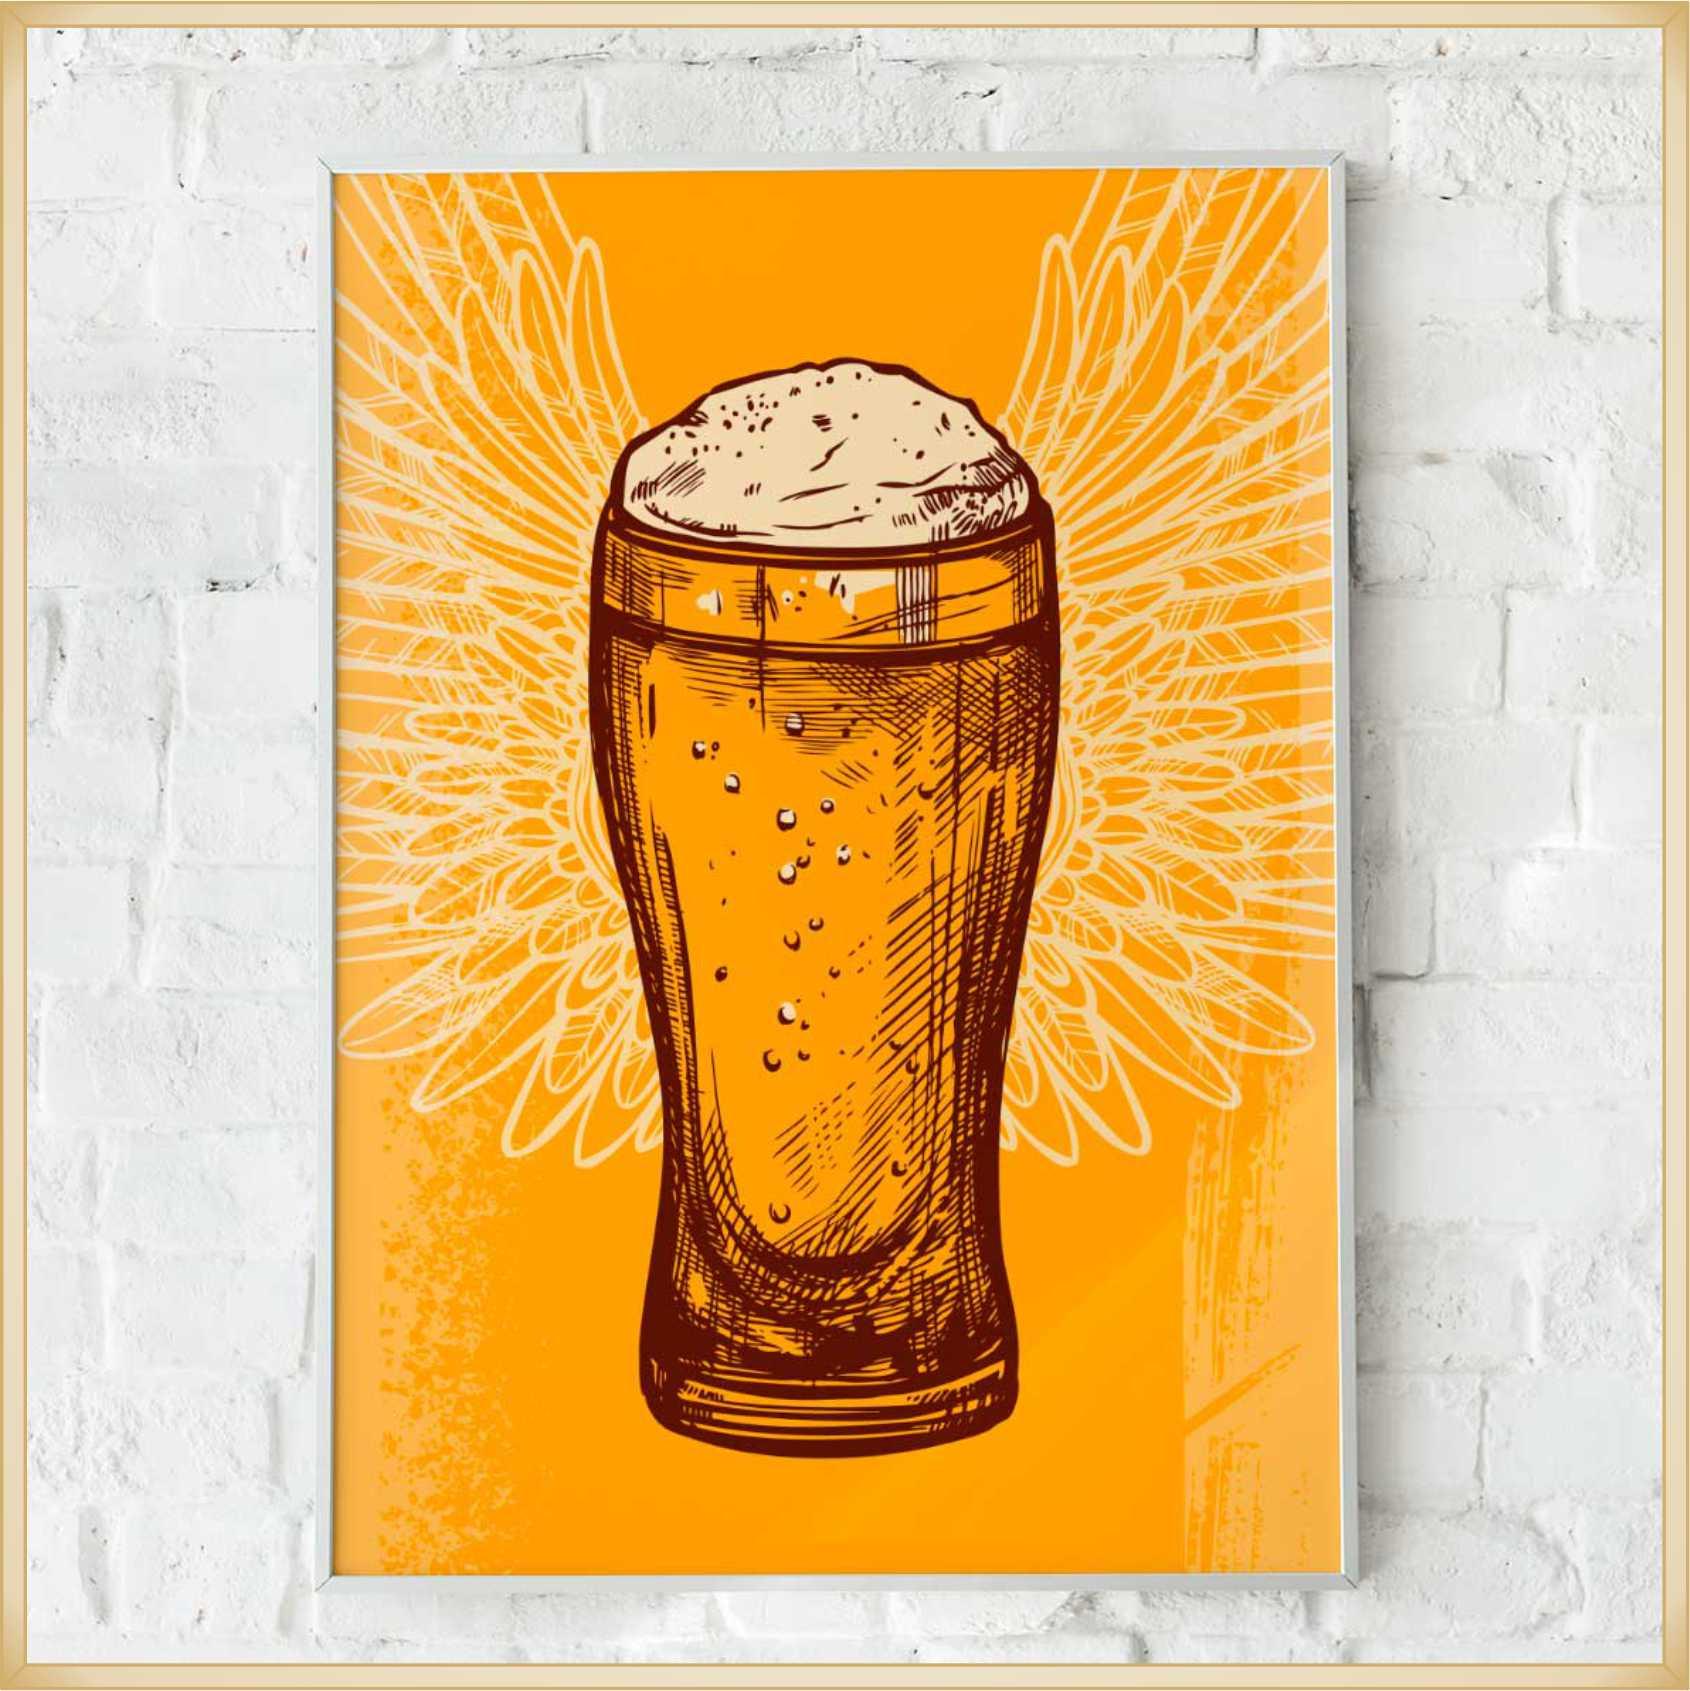 Quadros decorativos personalizados Modelos Cerveja – Ótima qualidade, não risca, não desbota, acabamento perfeito, fixação com dupla face, Mdf 6 mm